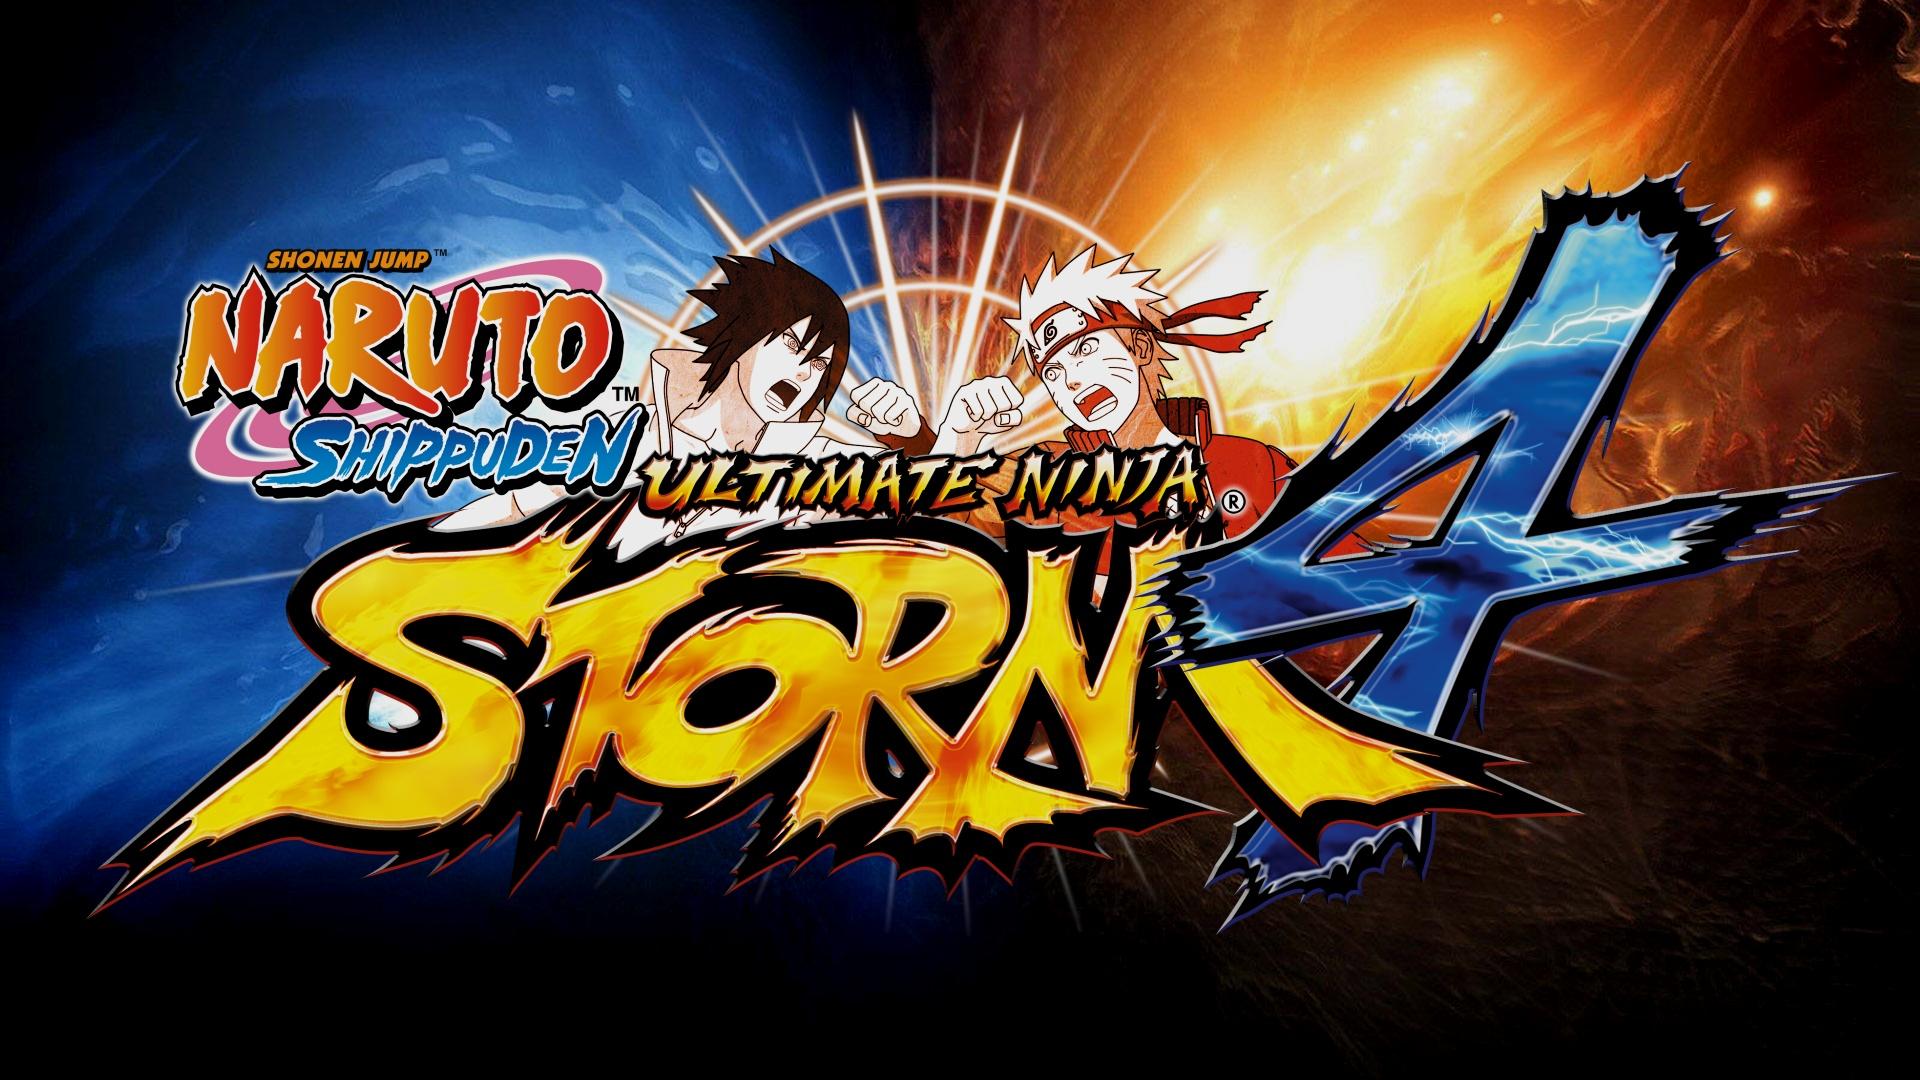 Naruto-4.jpg